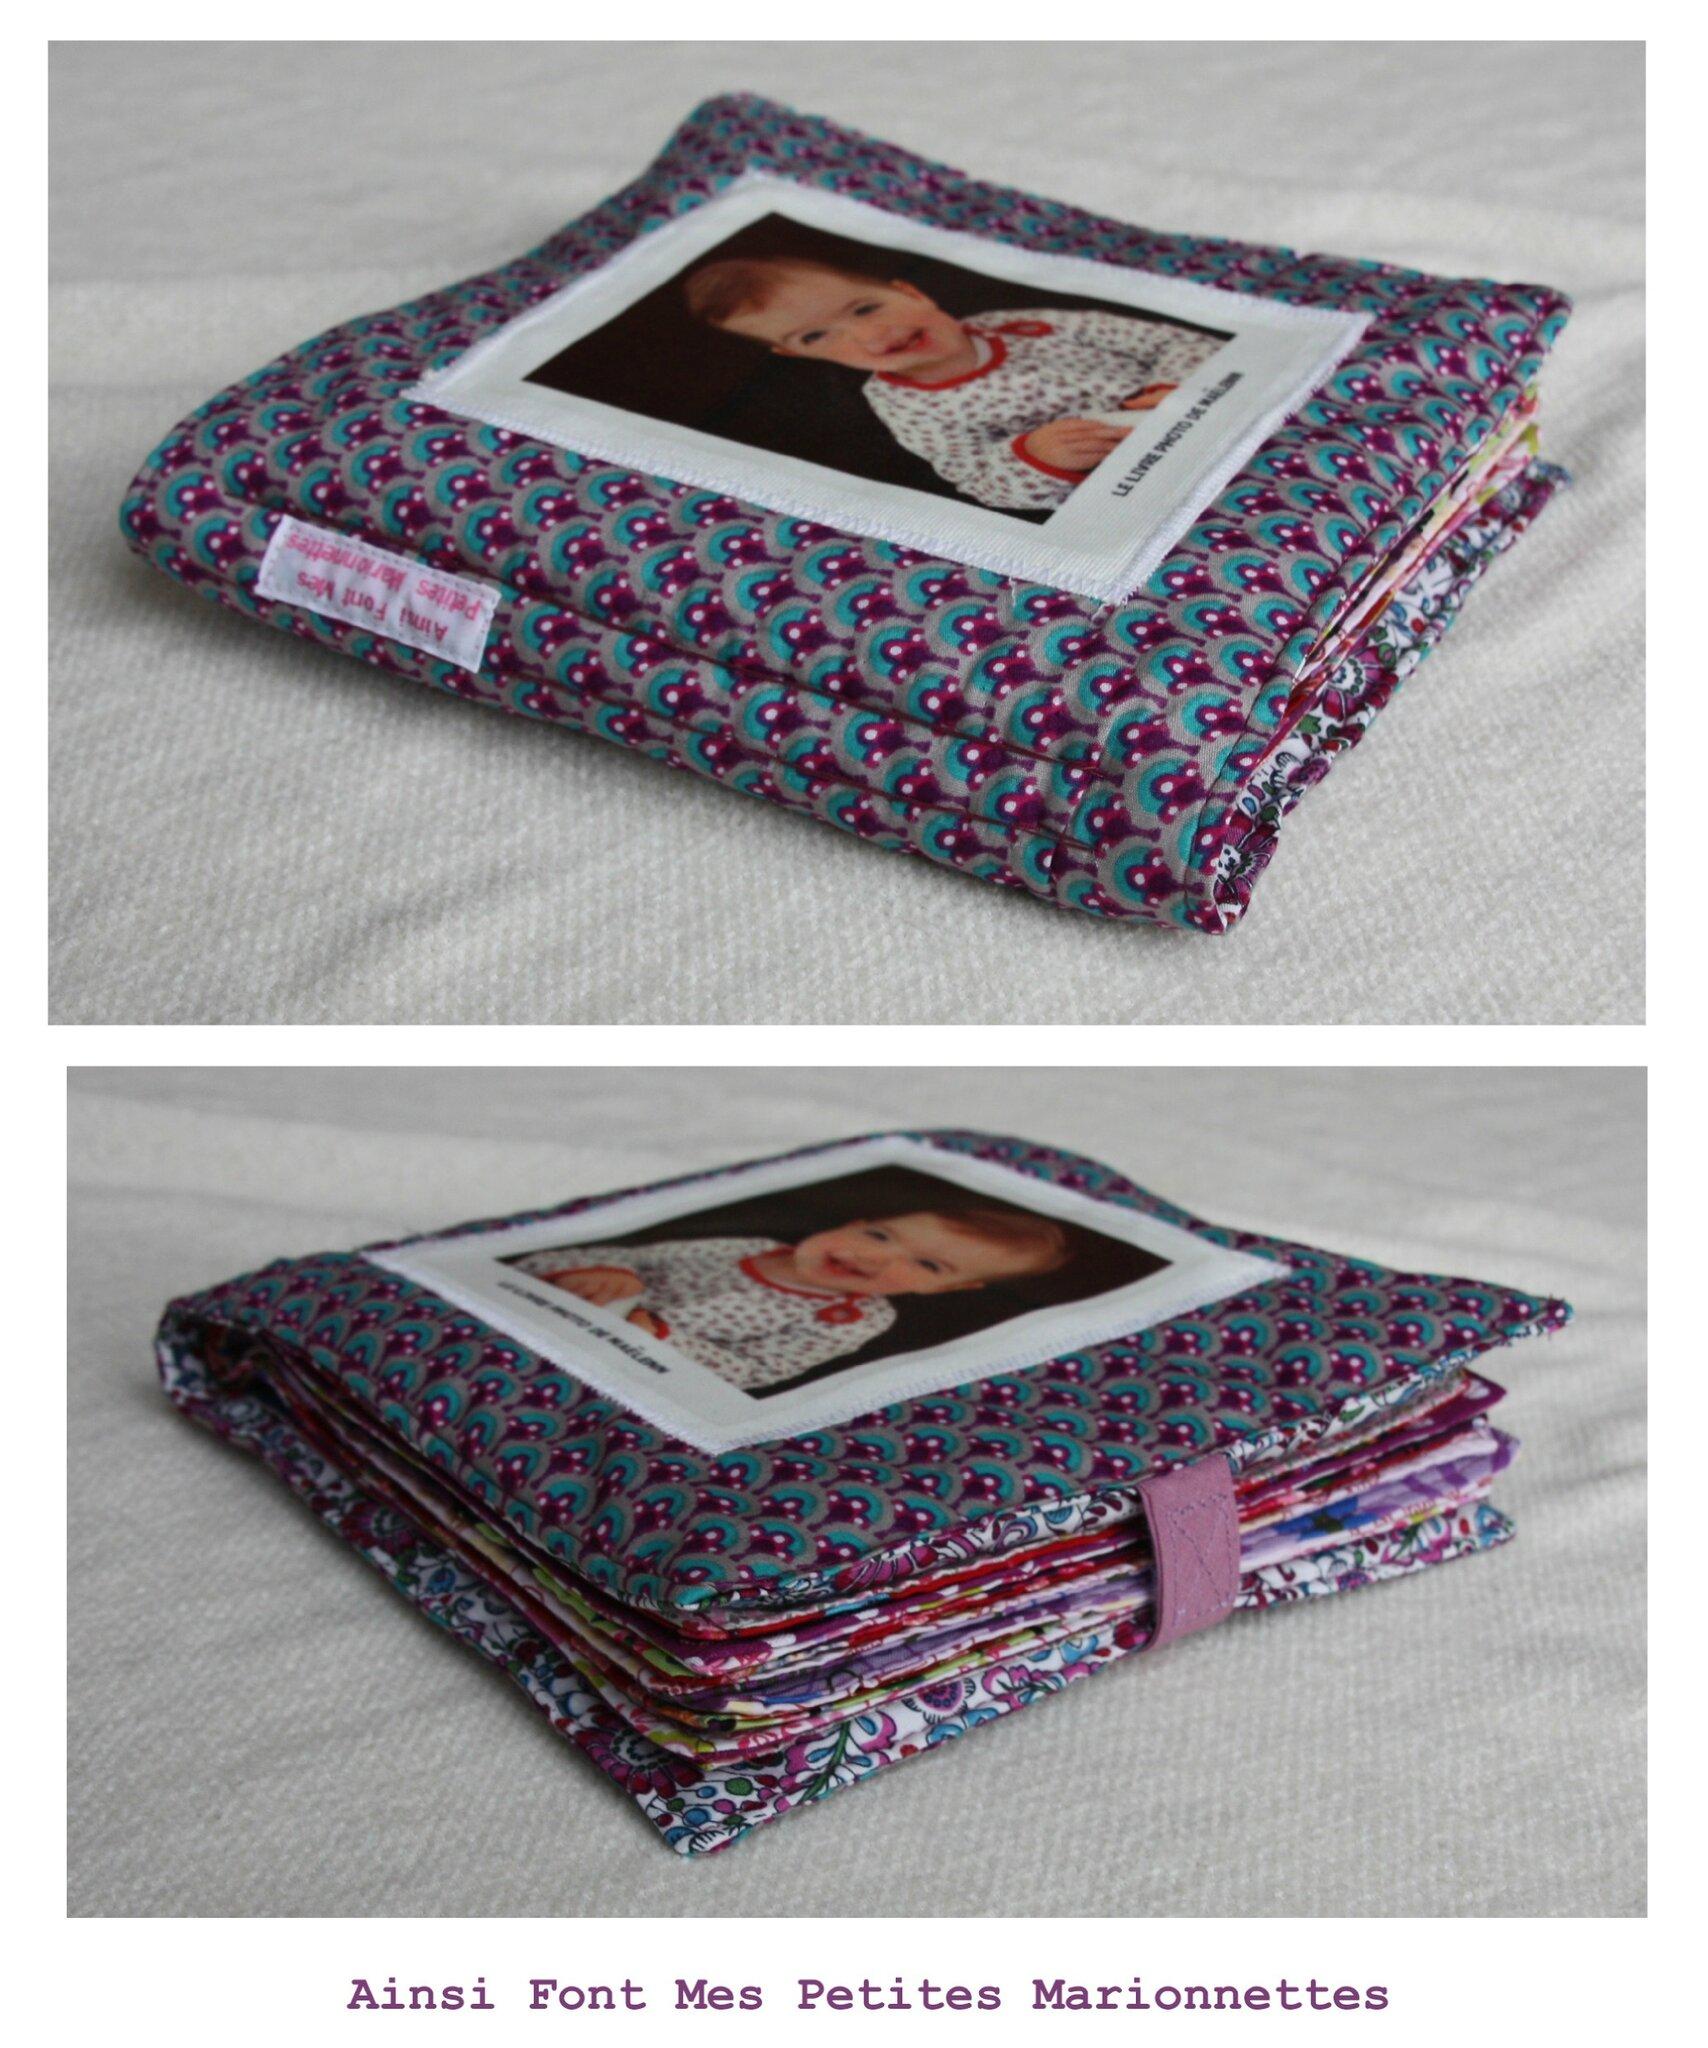 Le livre photo de la choupette ainsi font mes petites for Maison en tissu enfant